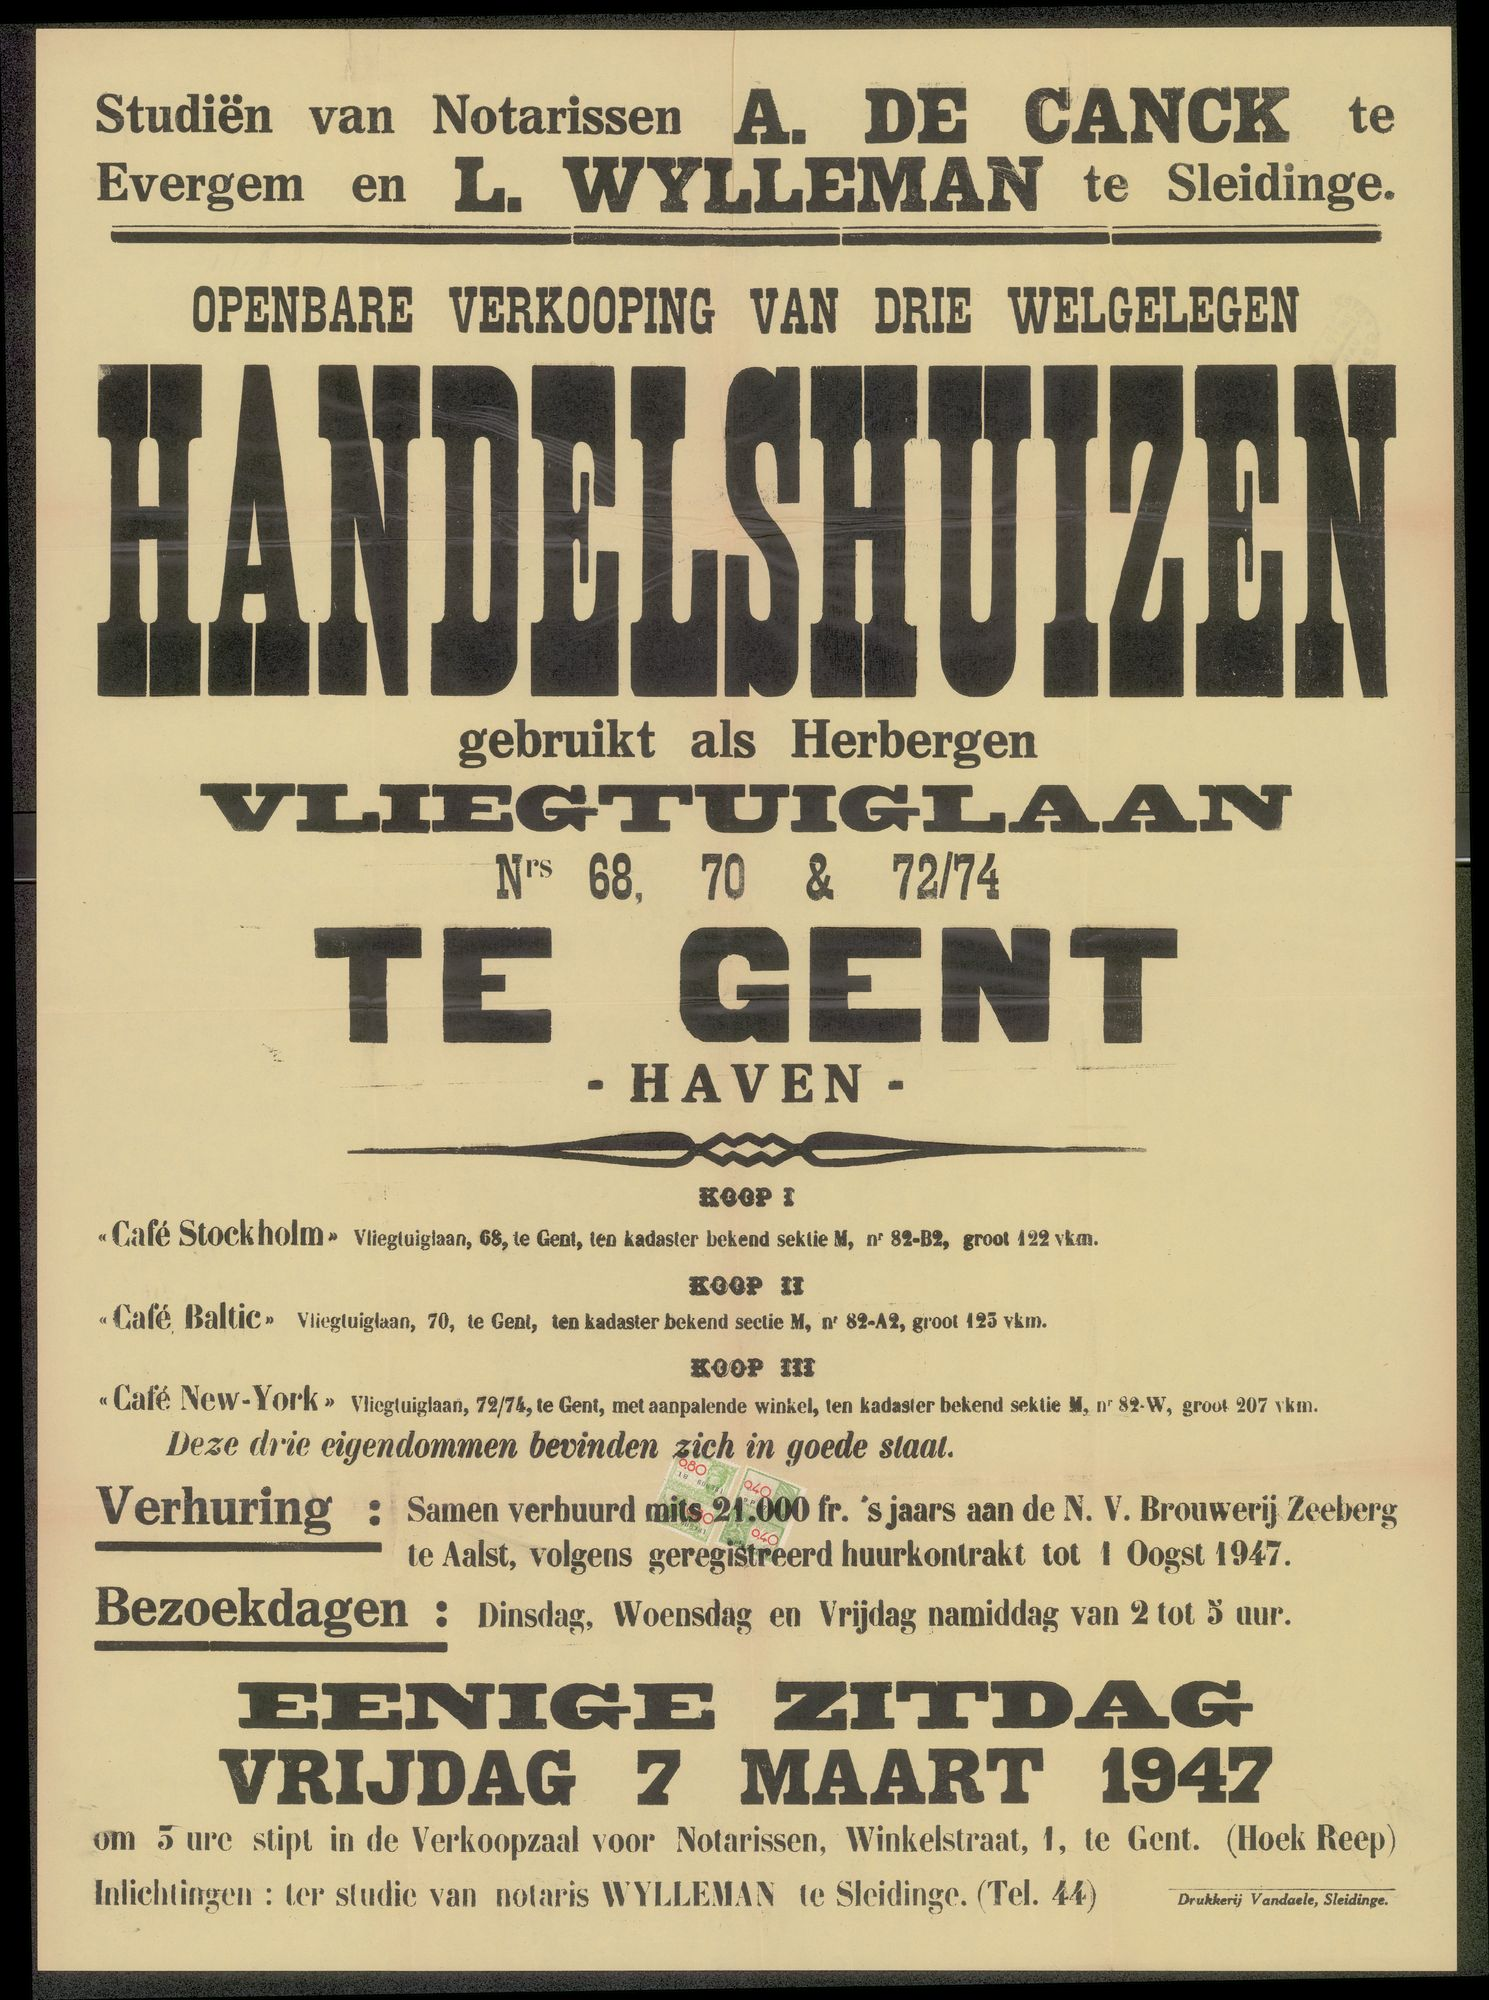 Openbare verkoop van drie welgelegen handelshuizen gebruikt als herbergen, Vliegtuiglaan, nrs. 68, 70 & 72/74 te Gent-Haven, Gent,  7 maart 1974